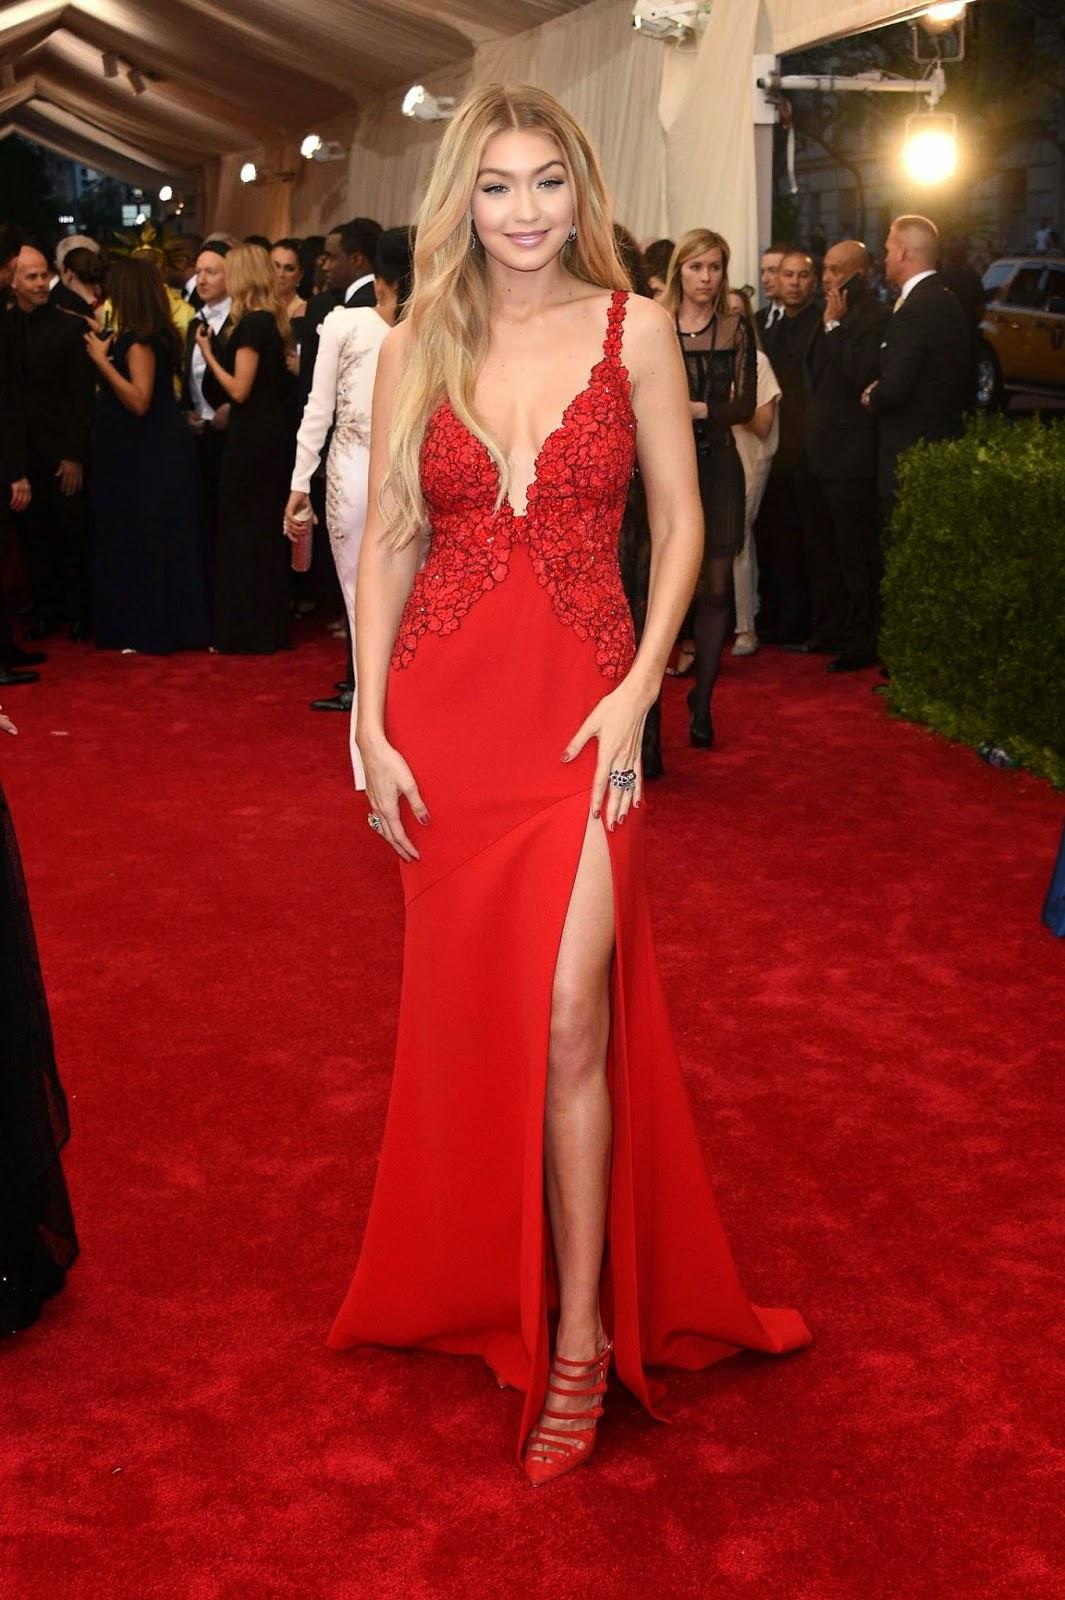 La splendide Gigi Hadid portait une robe de chez DVF.